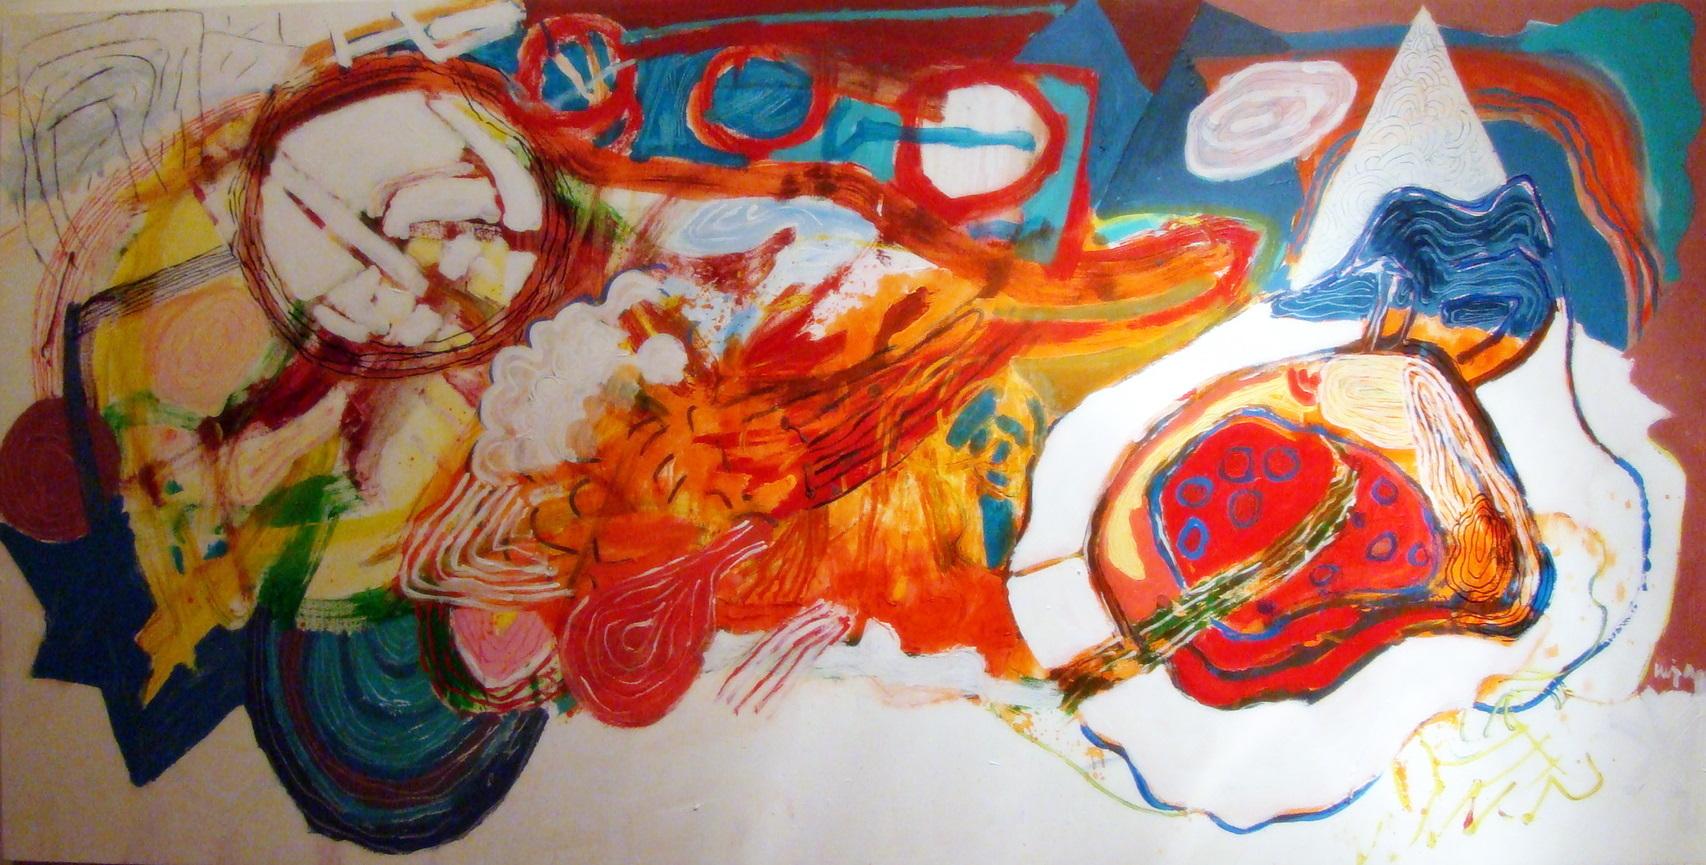 Luiz Aquila, A Pintura e a visita da Nina, Acrílica sobre tela, 100 x 200 cm, 2010